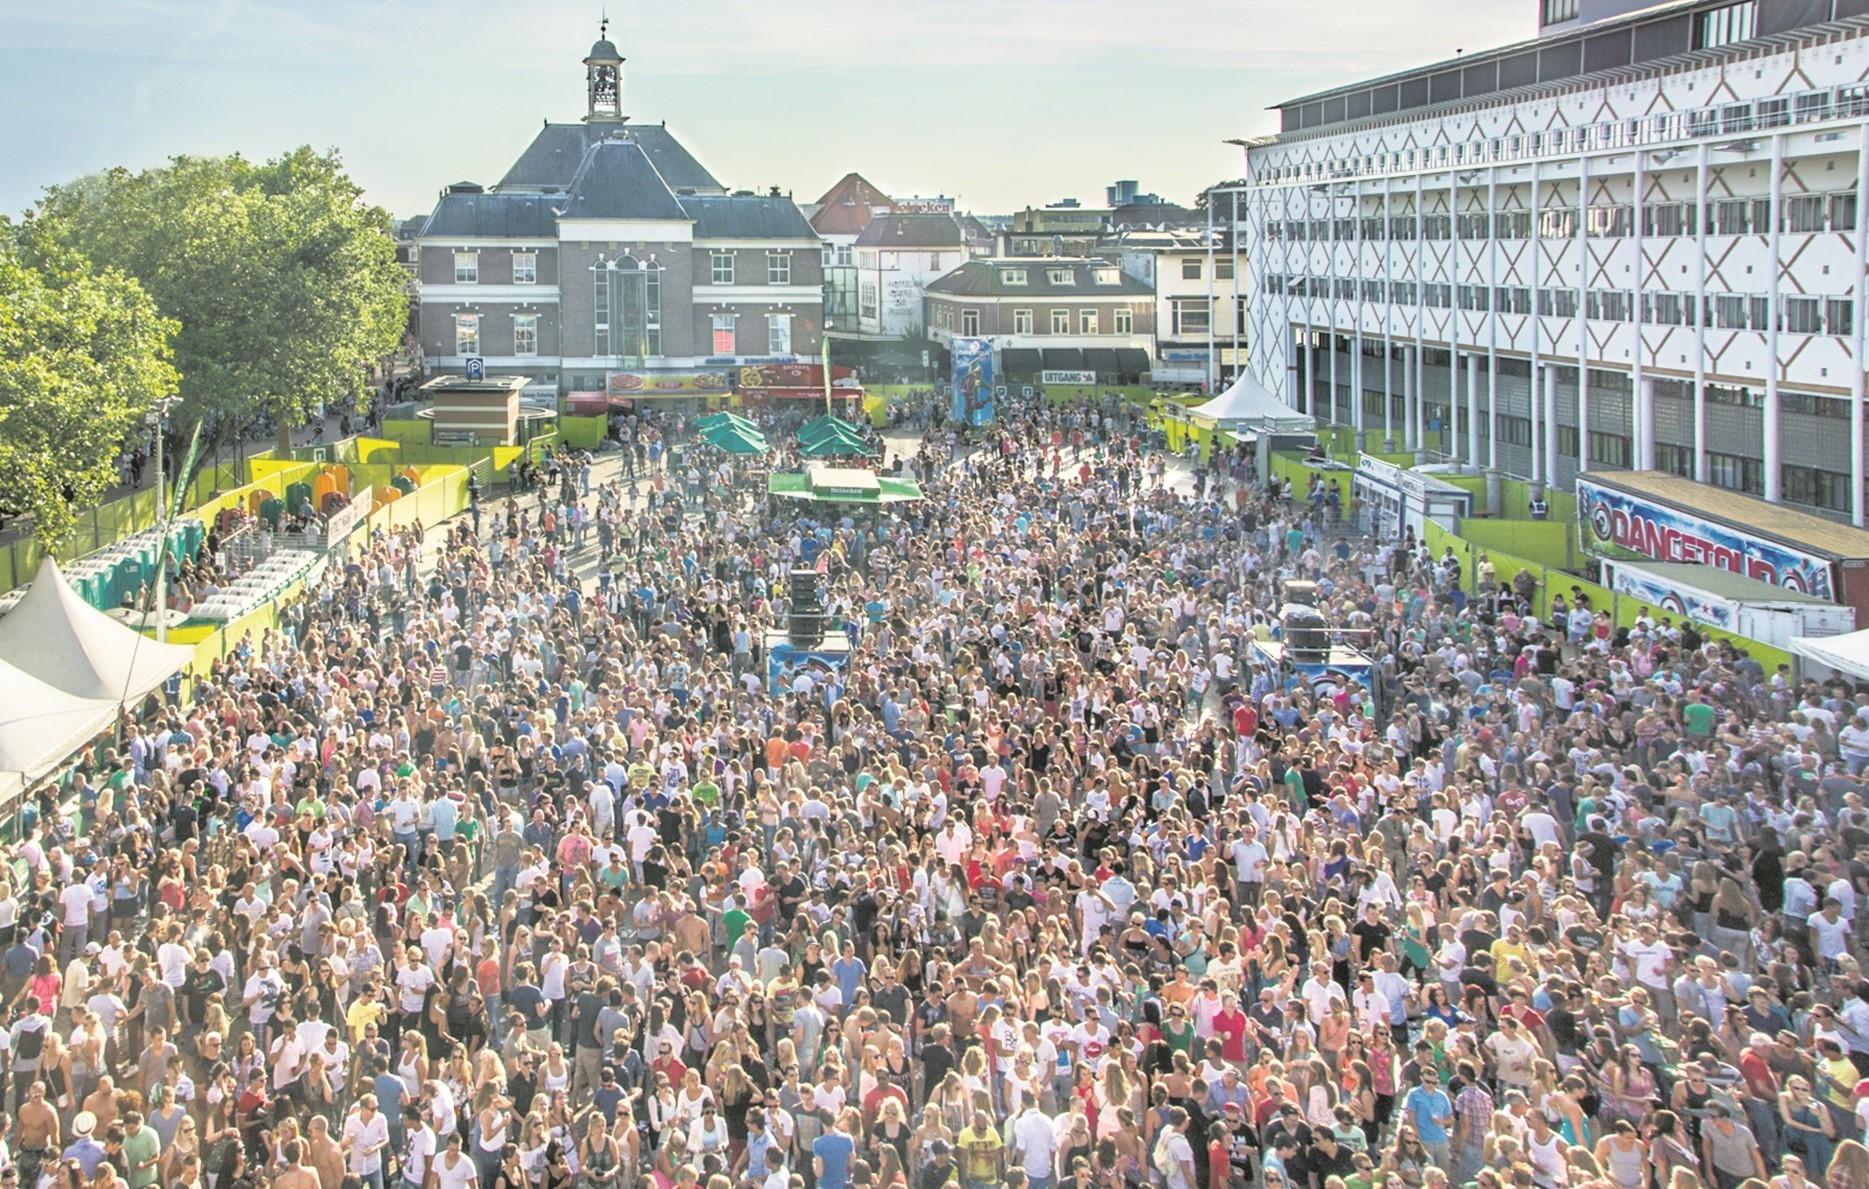 200 evenementen op zomeragenda